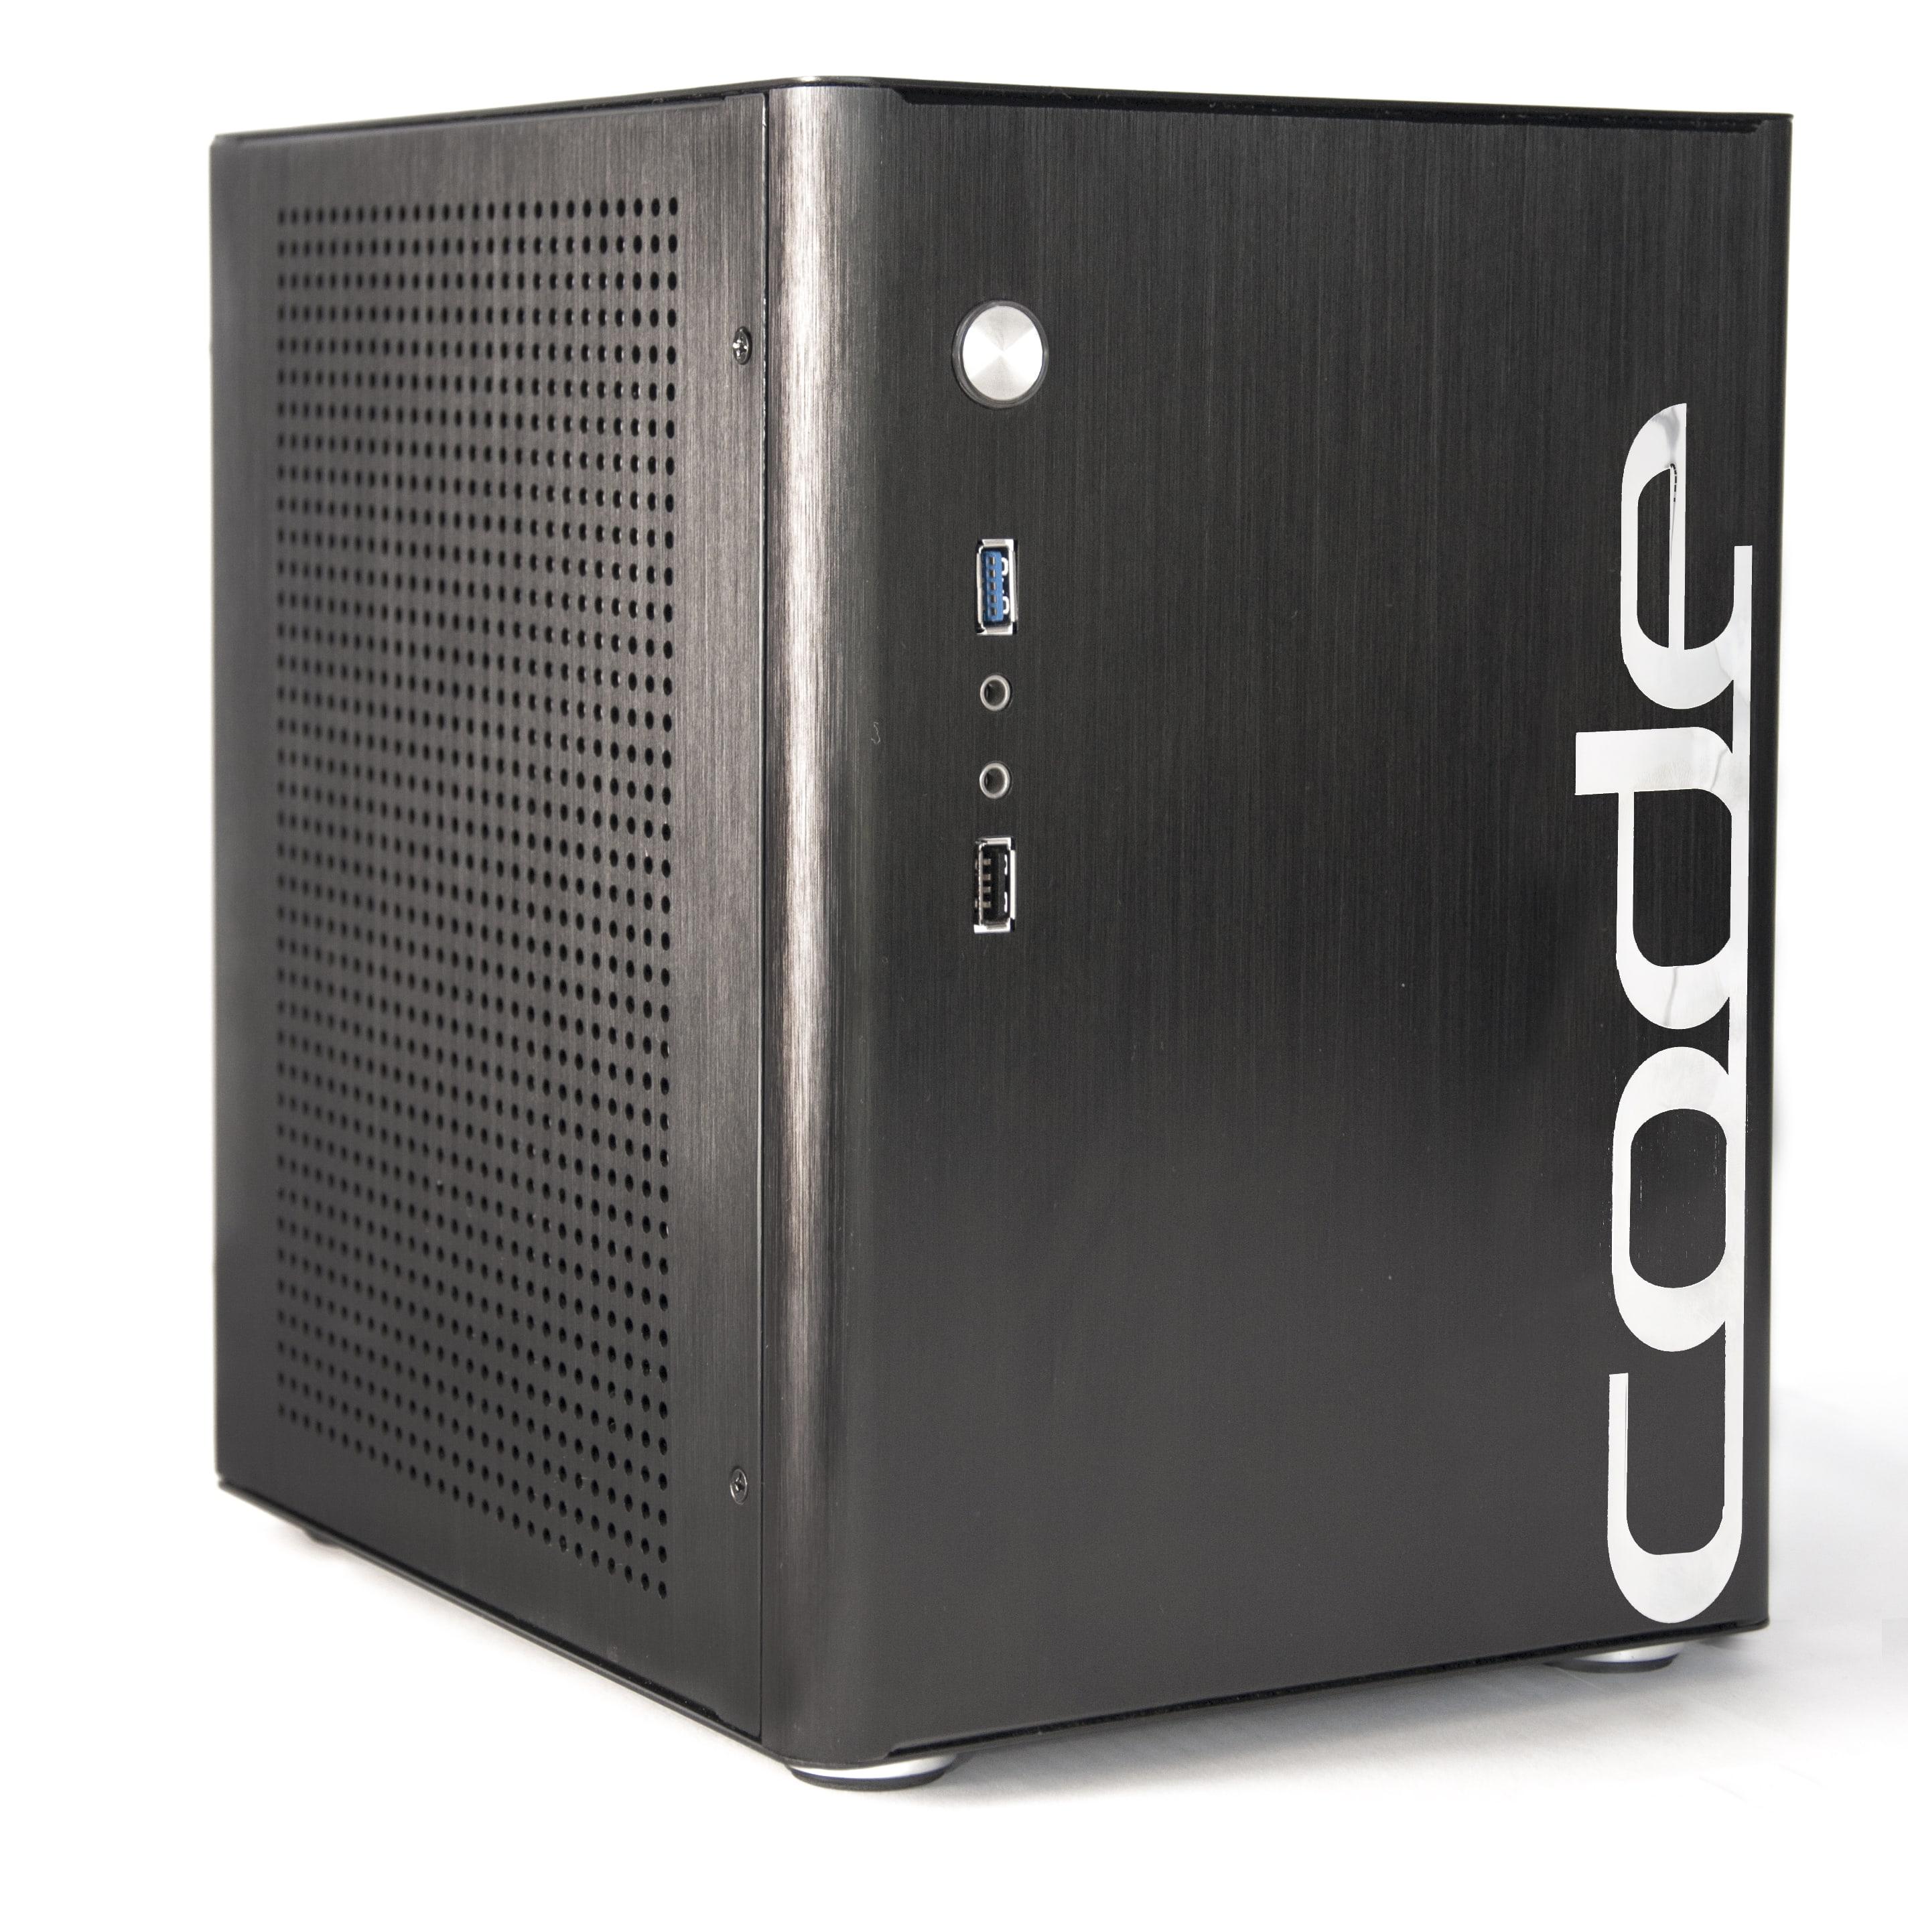 FreeStation, el ordenador que auna potencia y elegancia